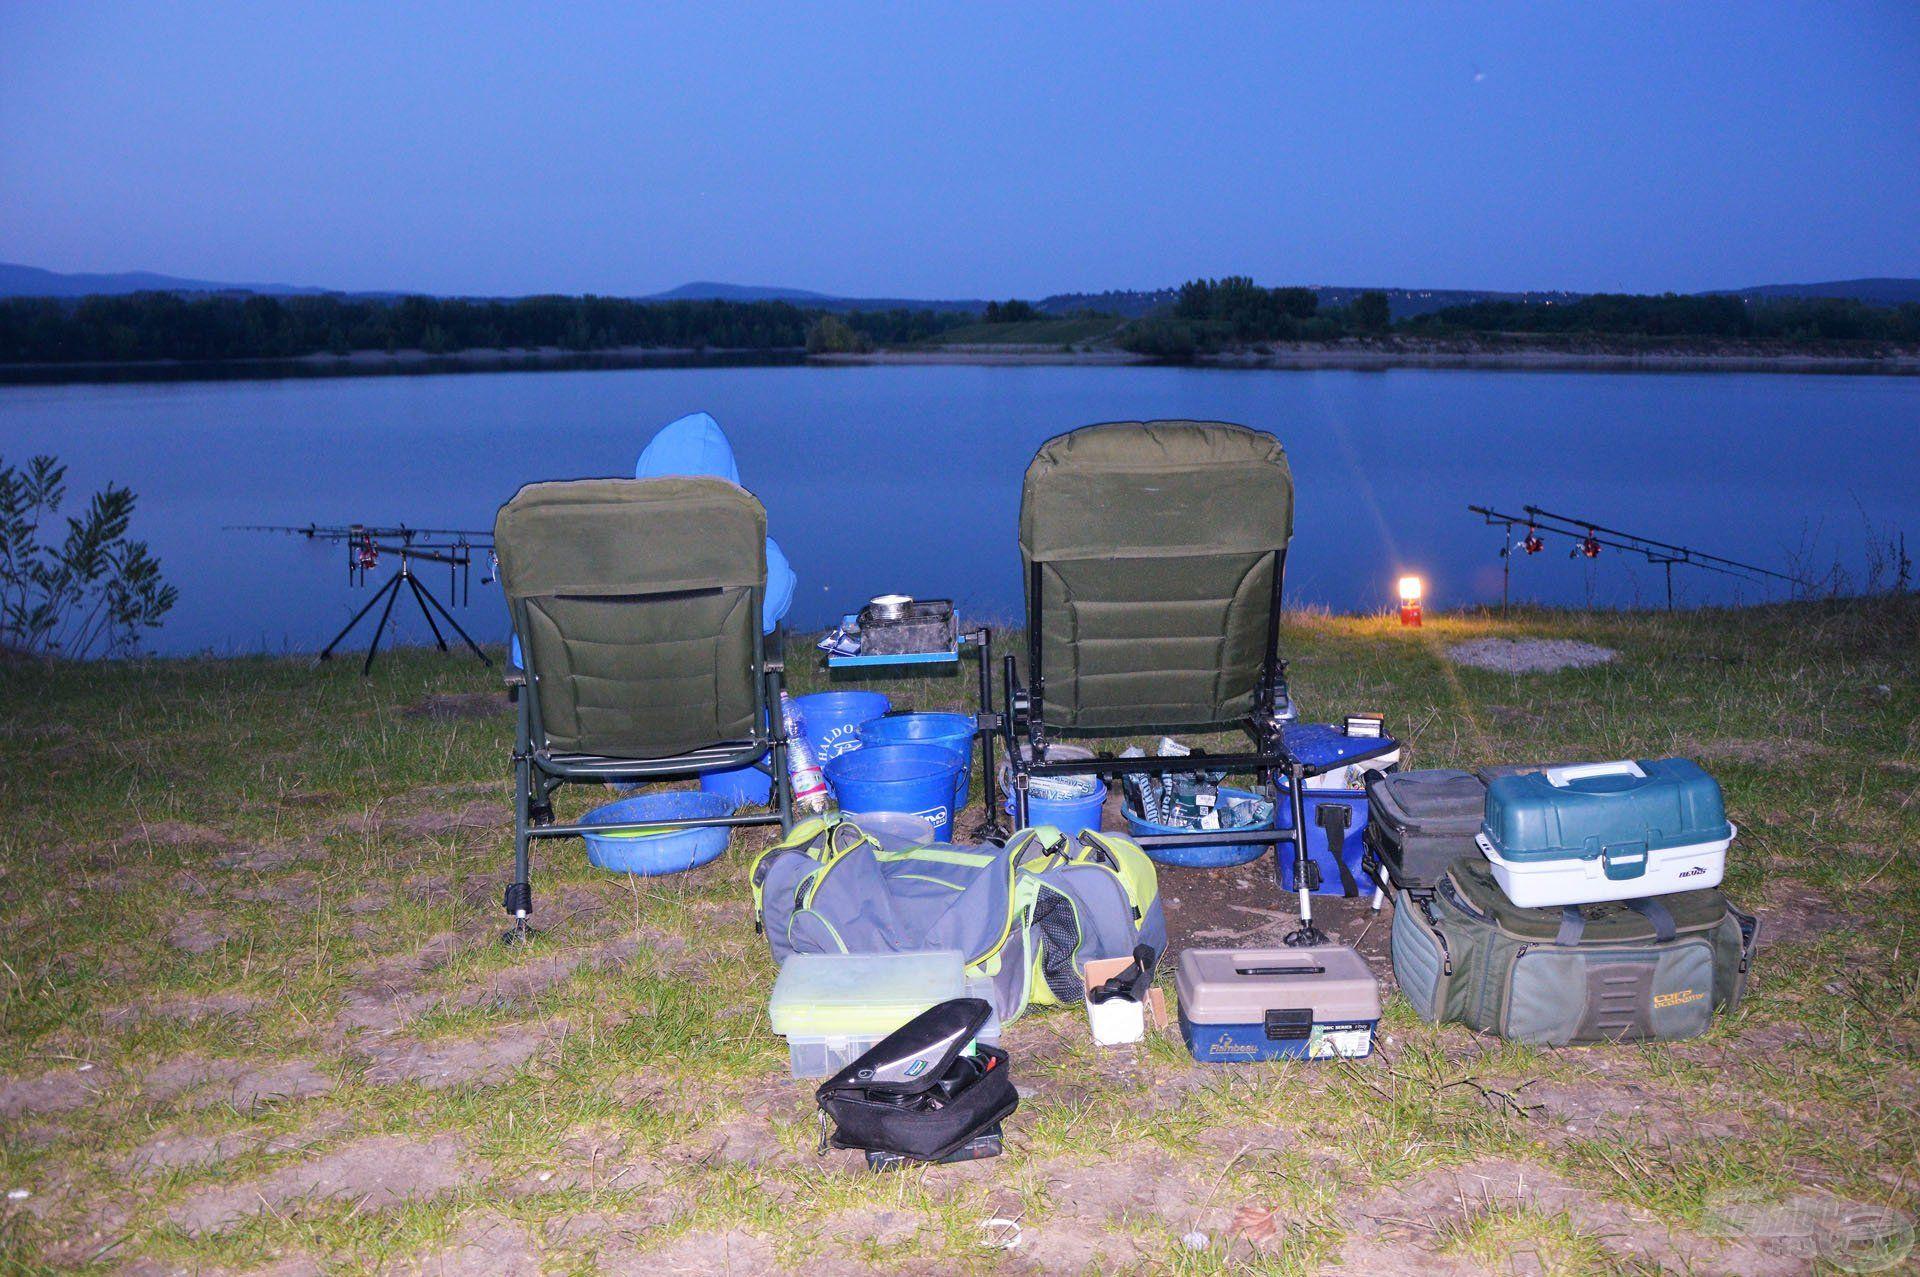 """Az éjszakai horgászat mindig izgalmas """"játék"""", pláne egy ekkora vízterületen"""